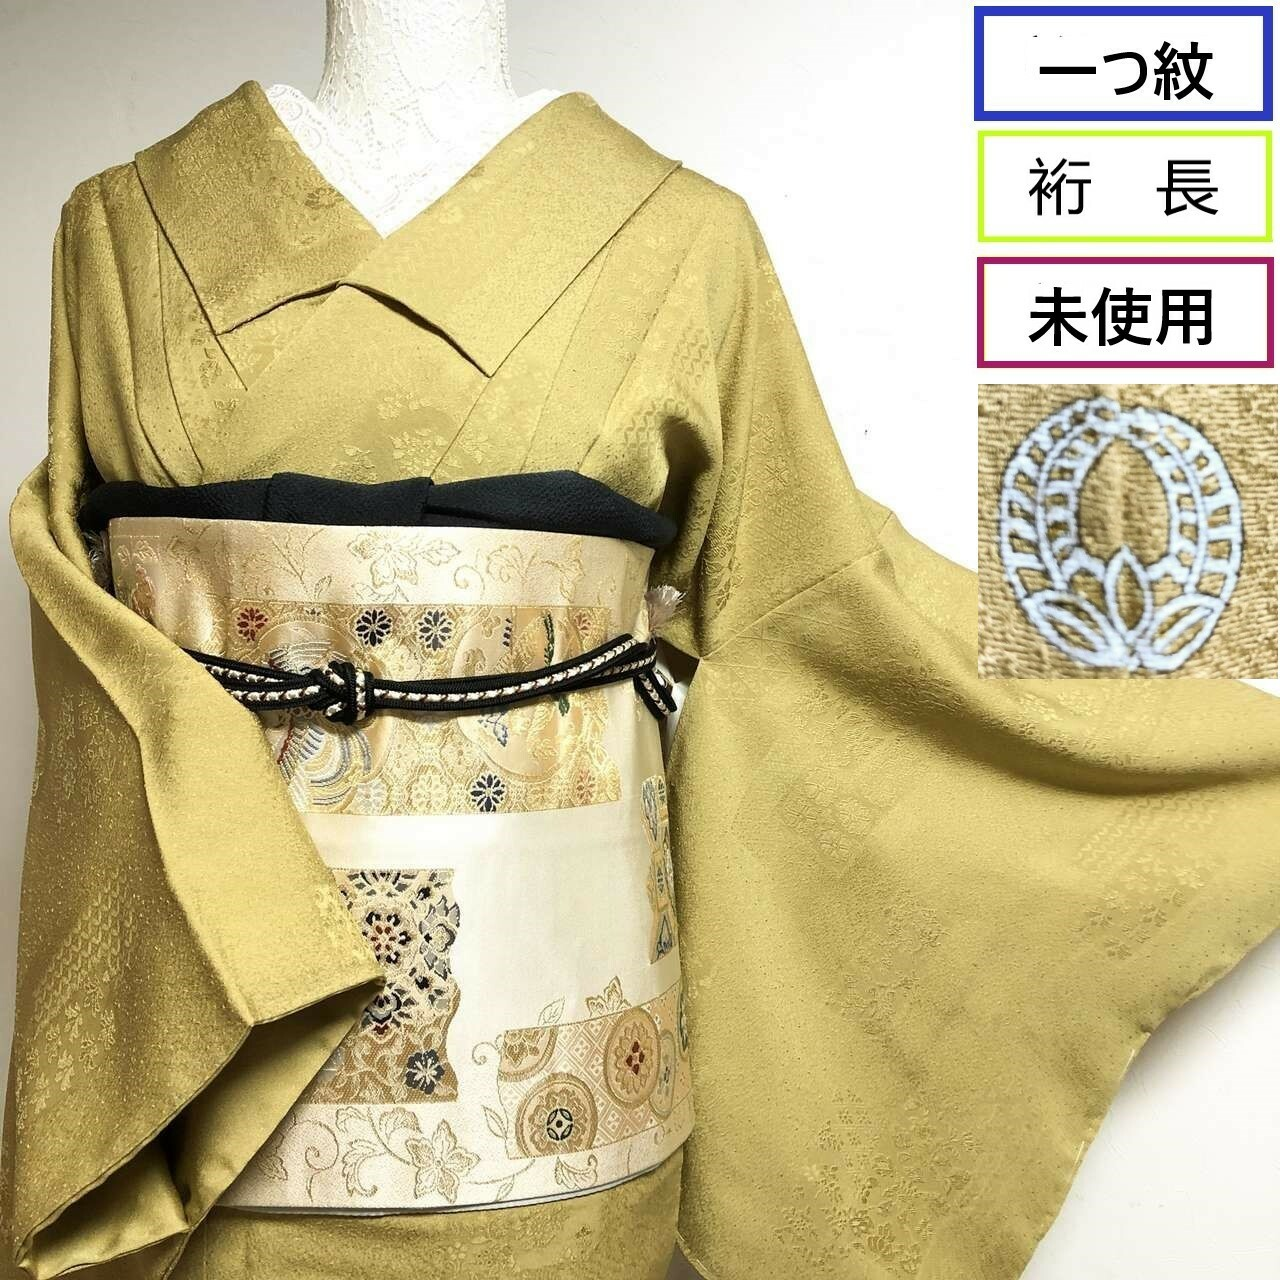 【裄長】しつけ付き未使用品 一つ紋色無地 落ち着いた黄金色 地紋 丈164裄68